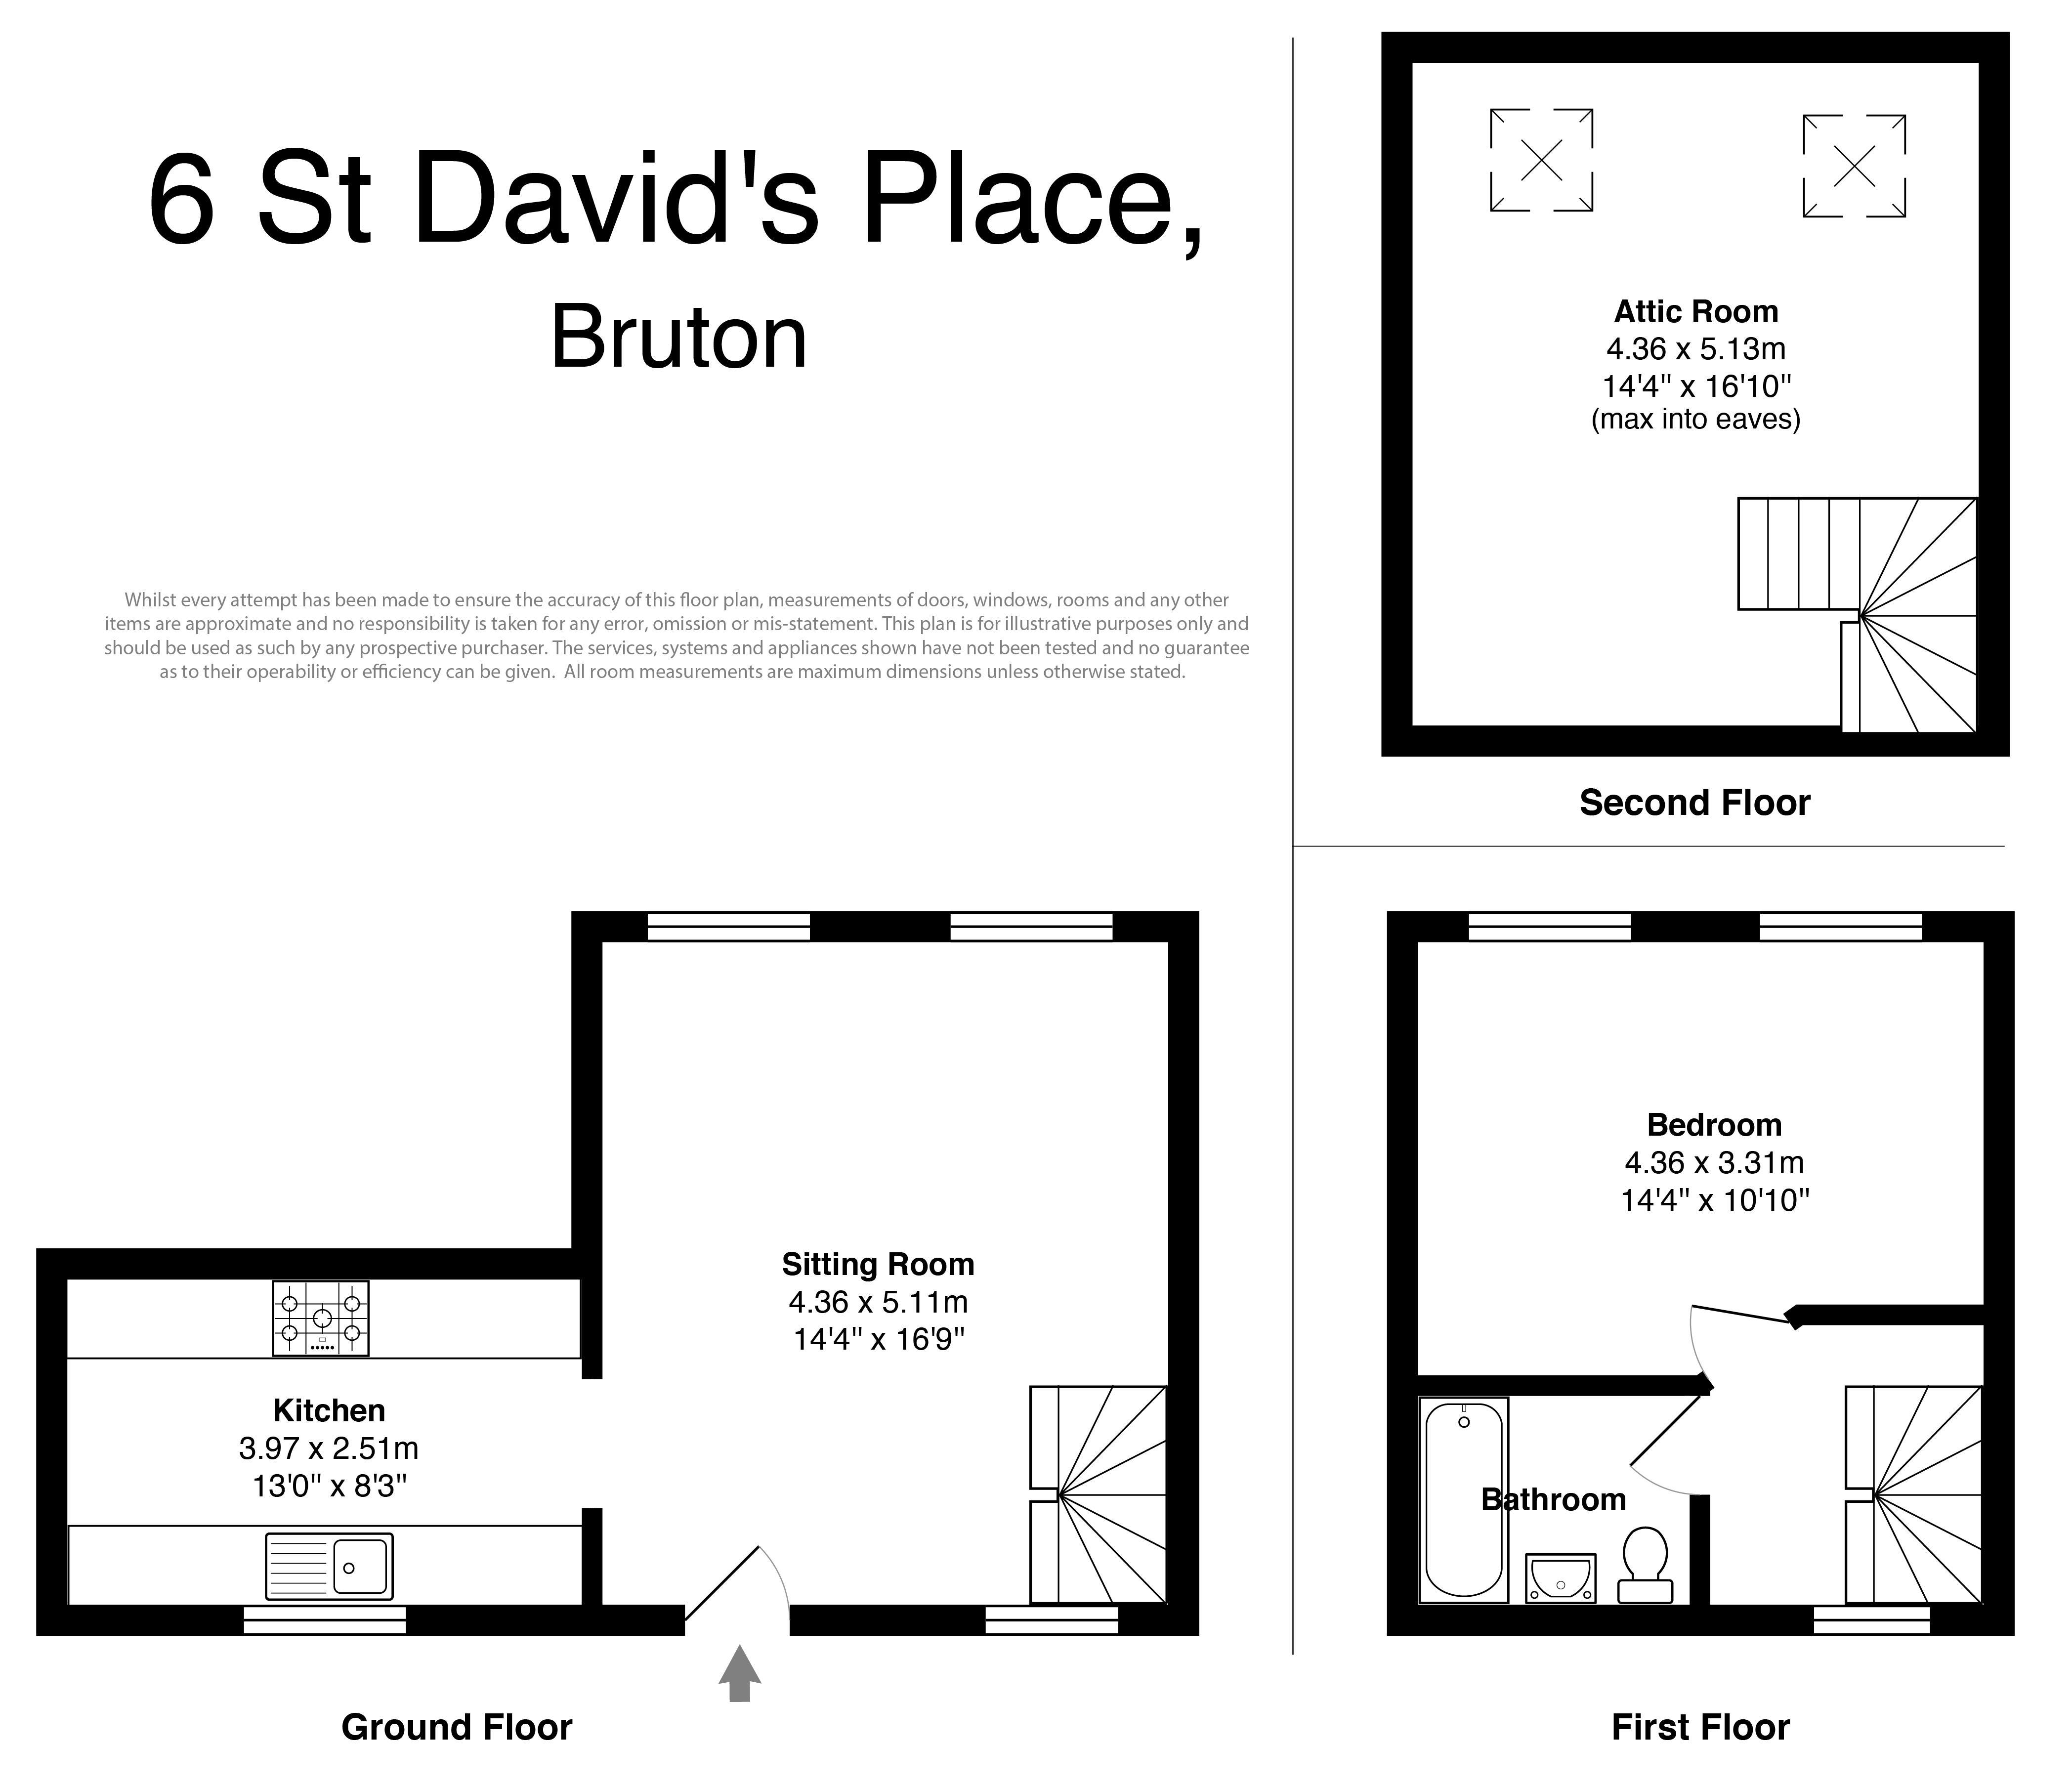 St Davids Place